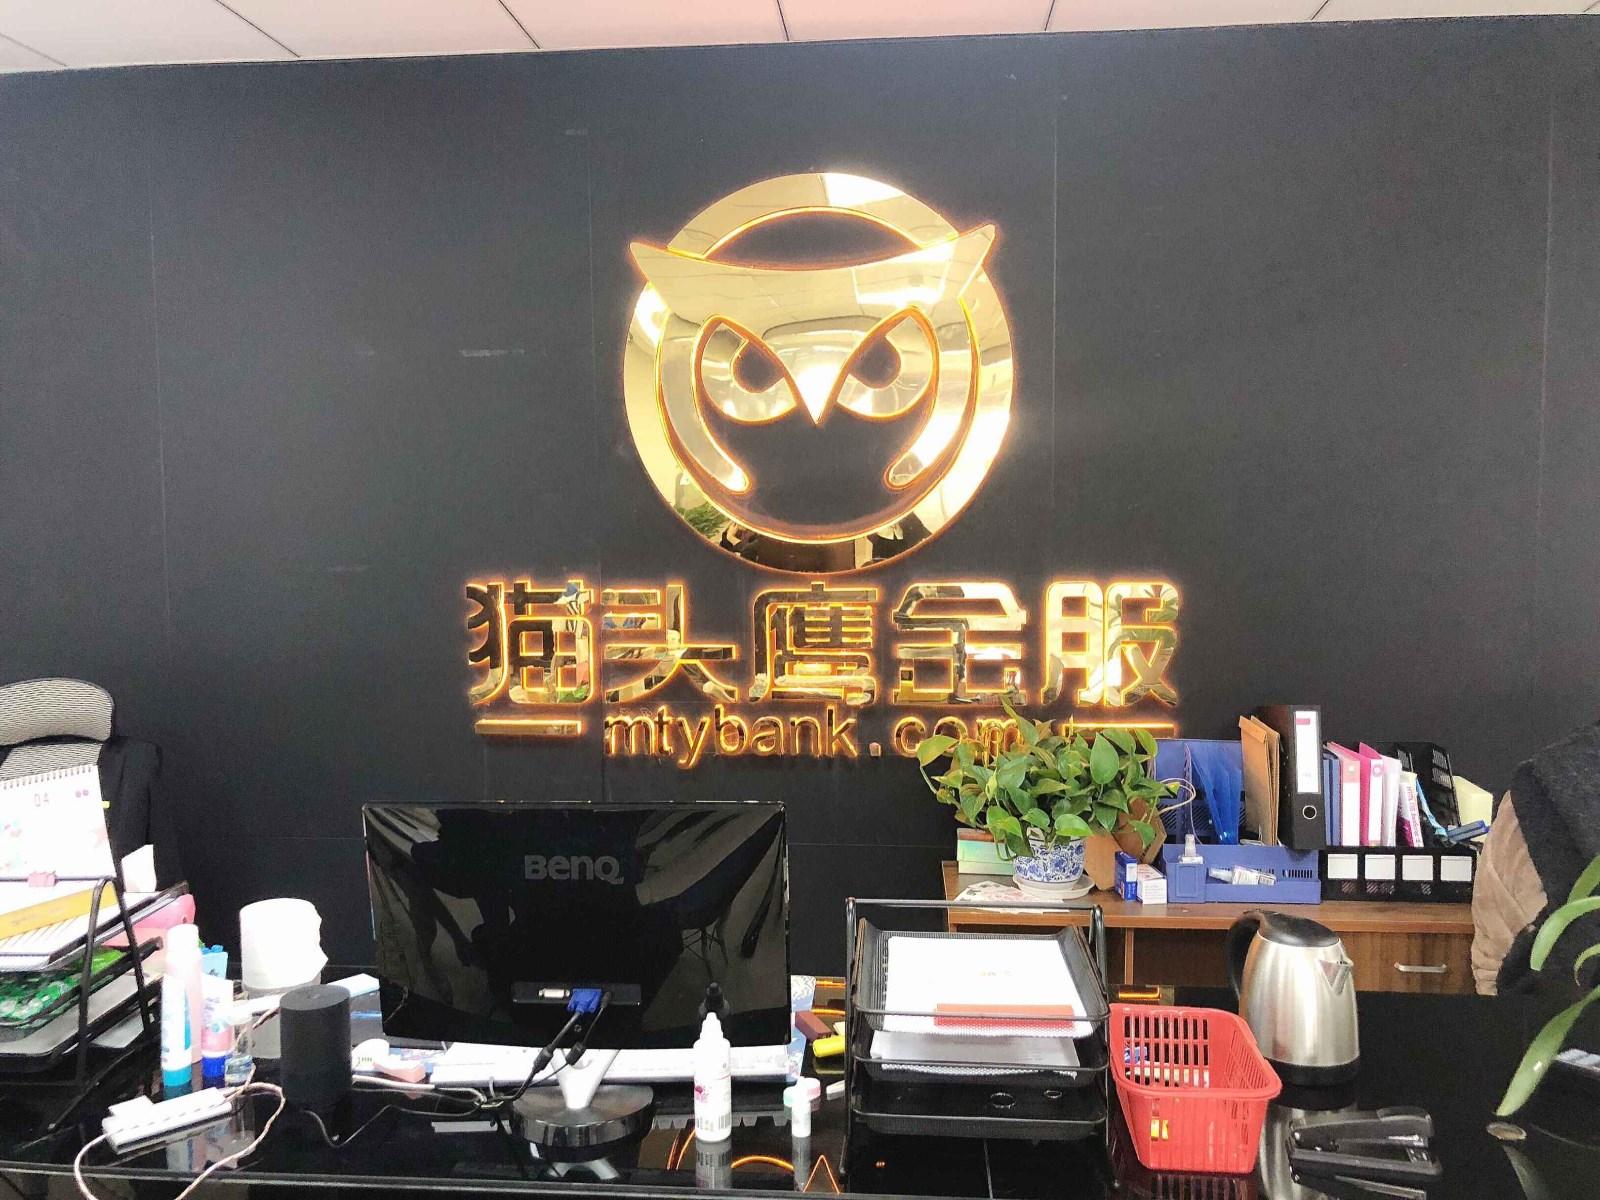 工资贷办理 昆山按揭房贷款 苏州铭云信息科技有限公司